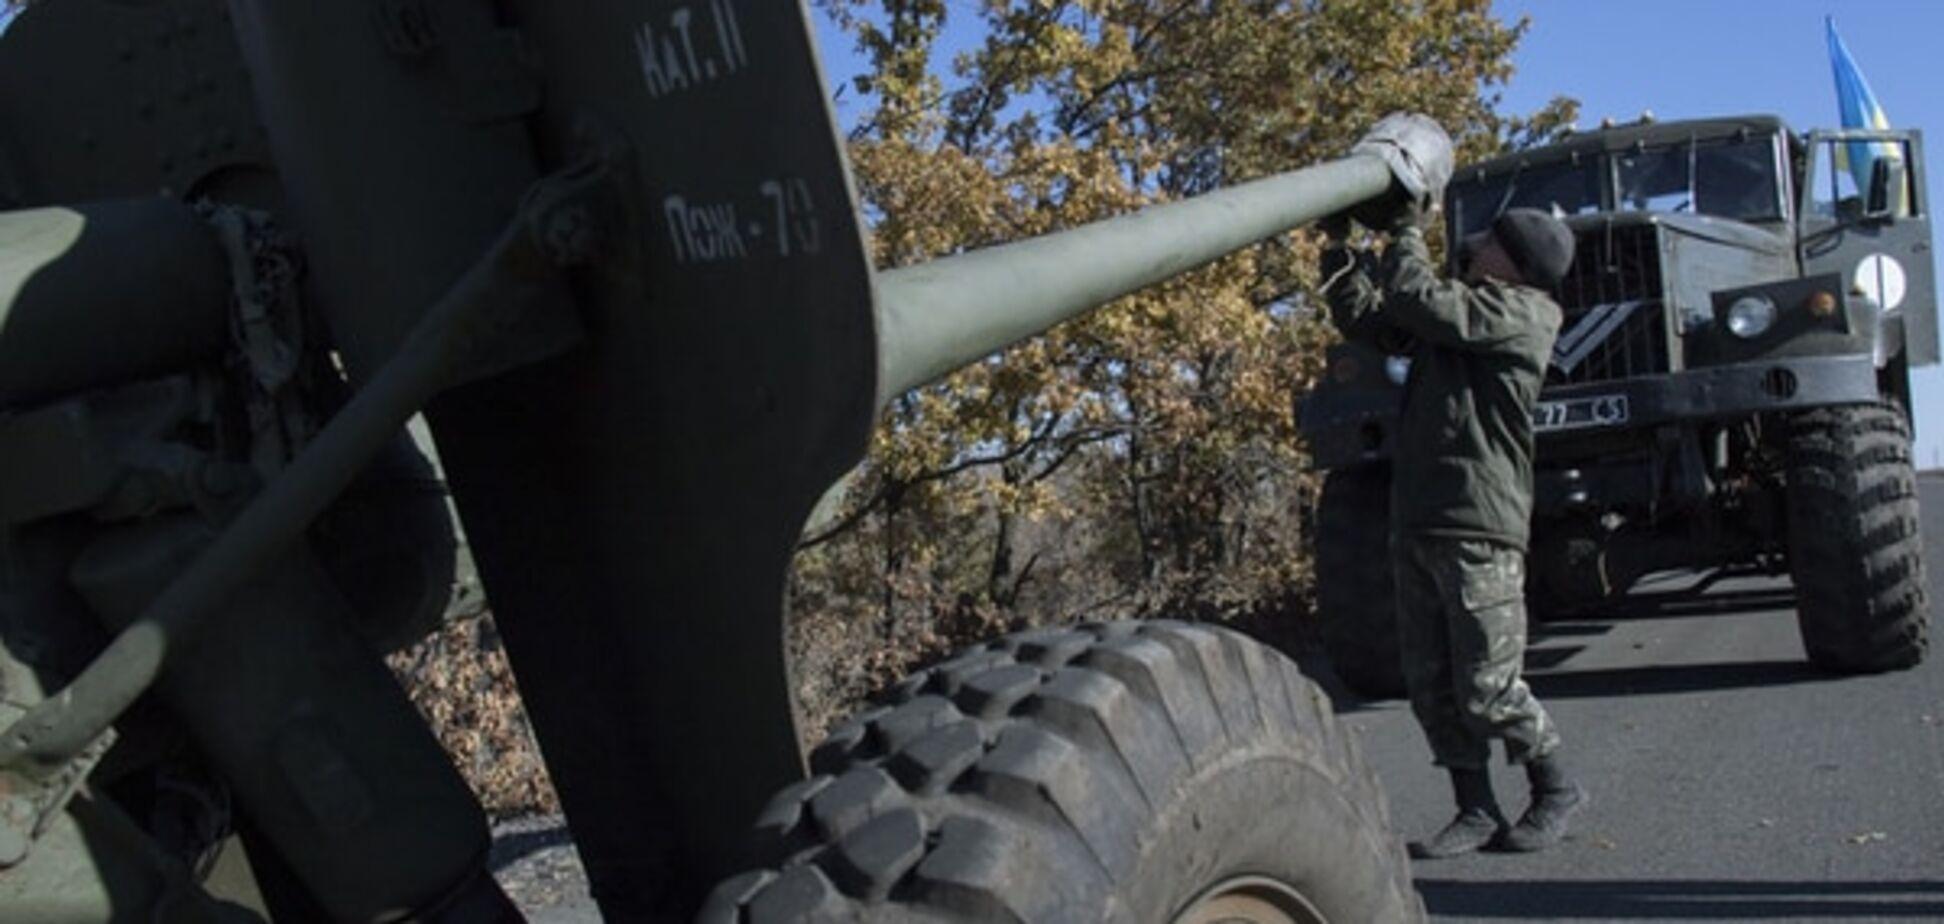 Відведення артилерії на Донбасі: Україна виконала свої обіцянки